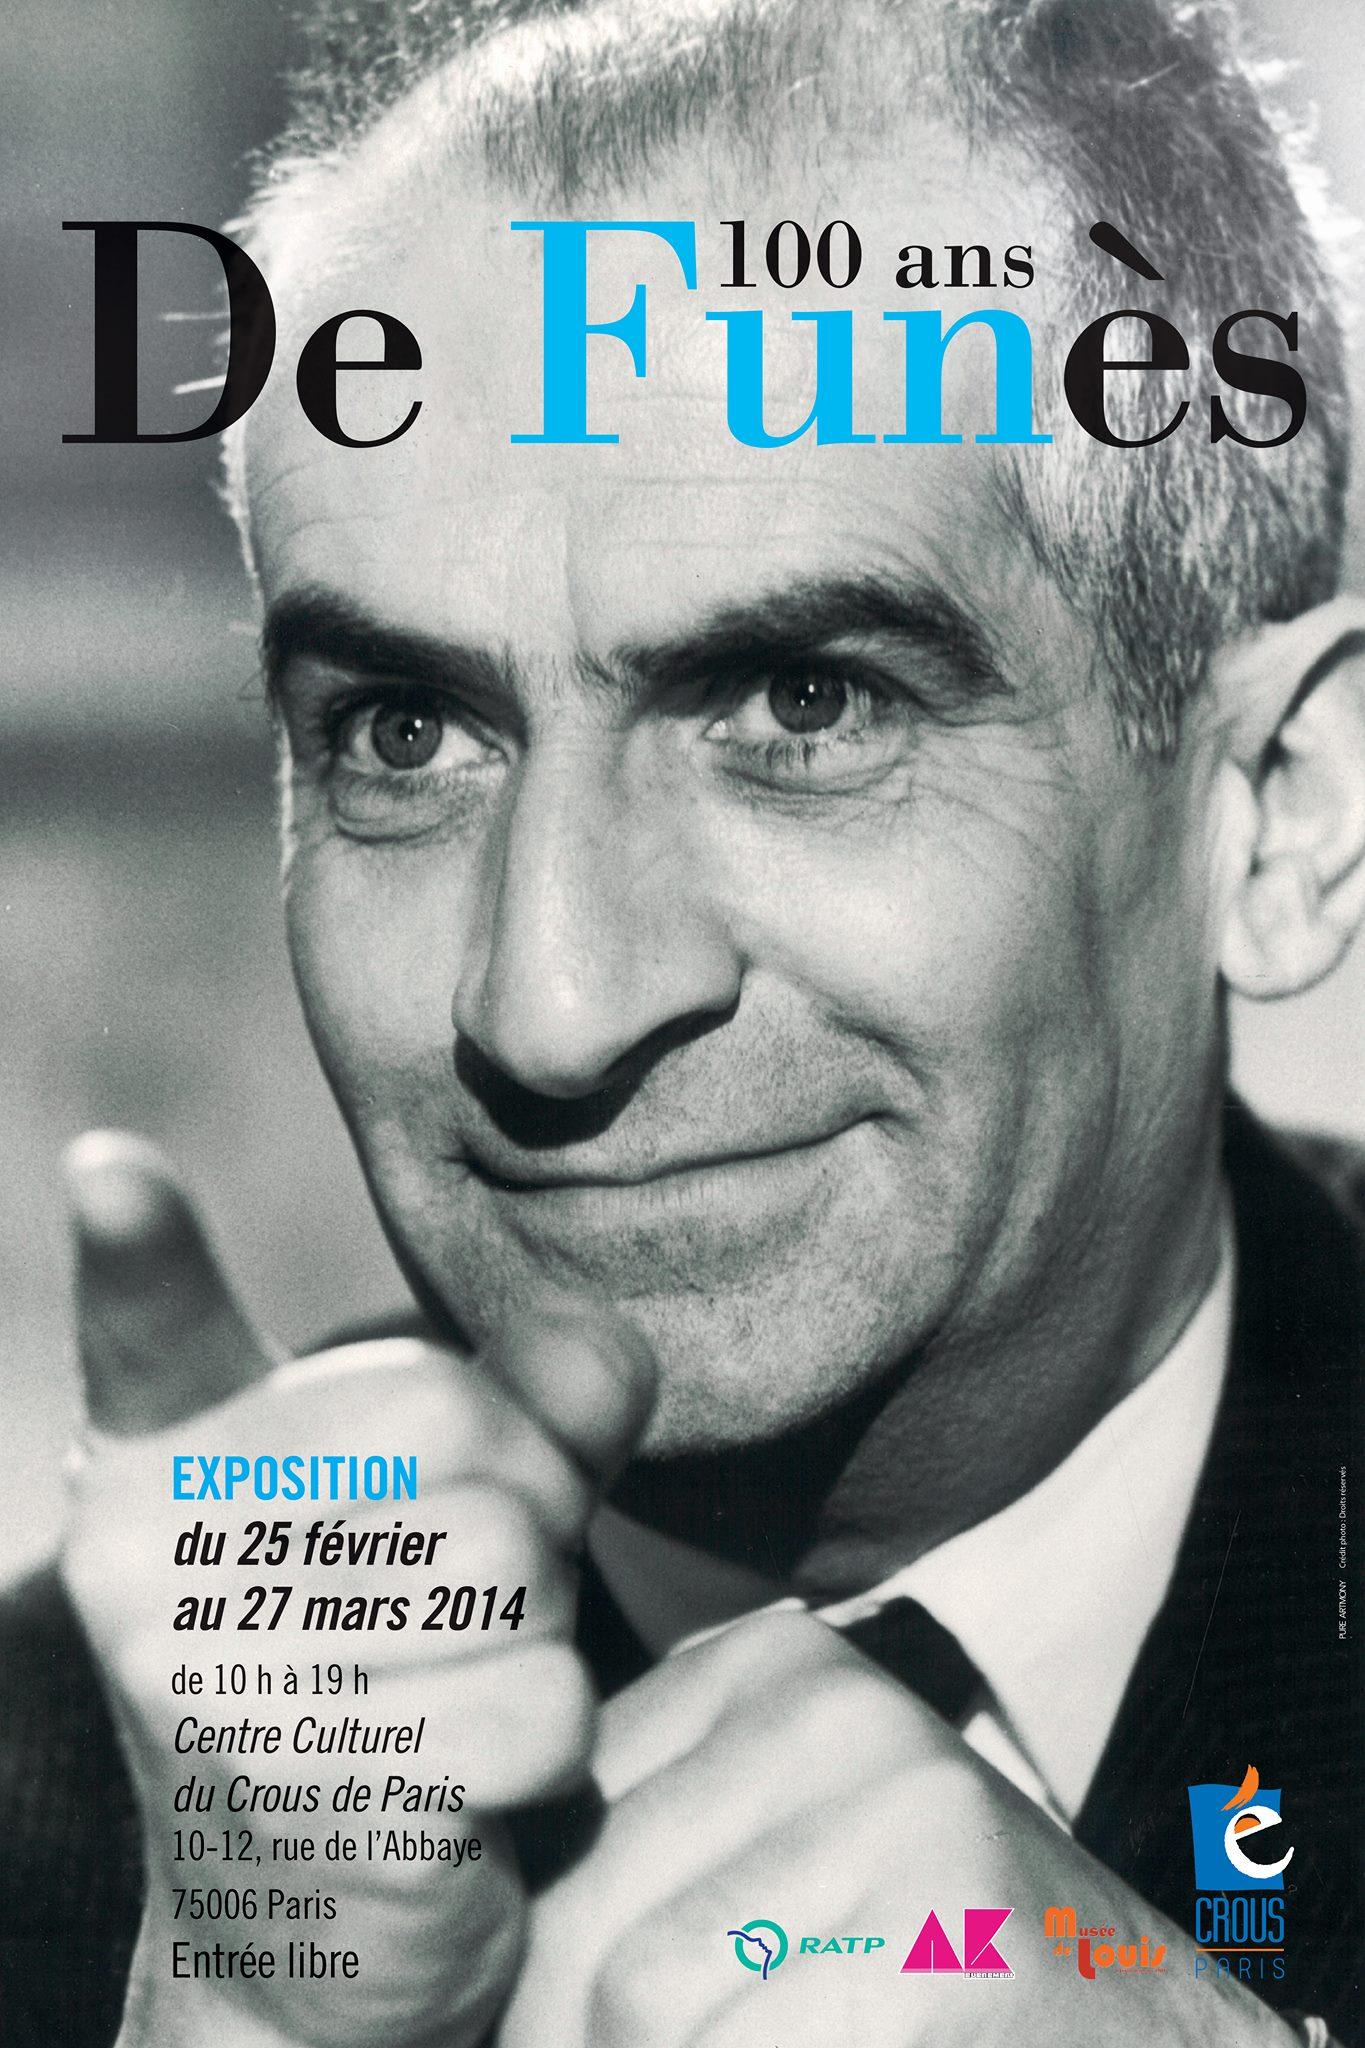 Exposition Louis de Funès du 25 février au 27 mars 2014 au Centre culturel du CROUS de Paris